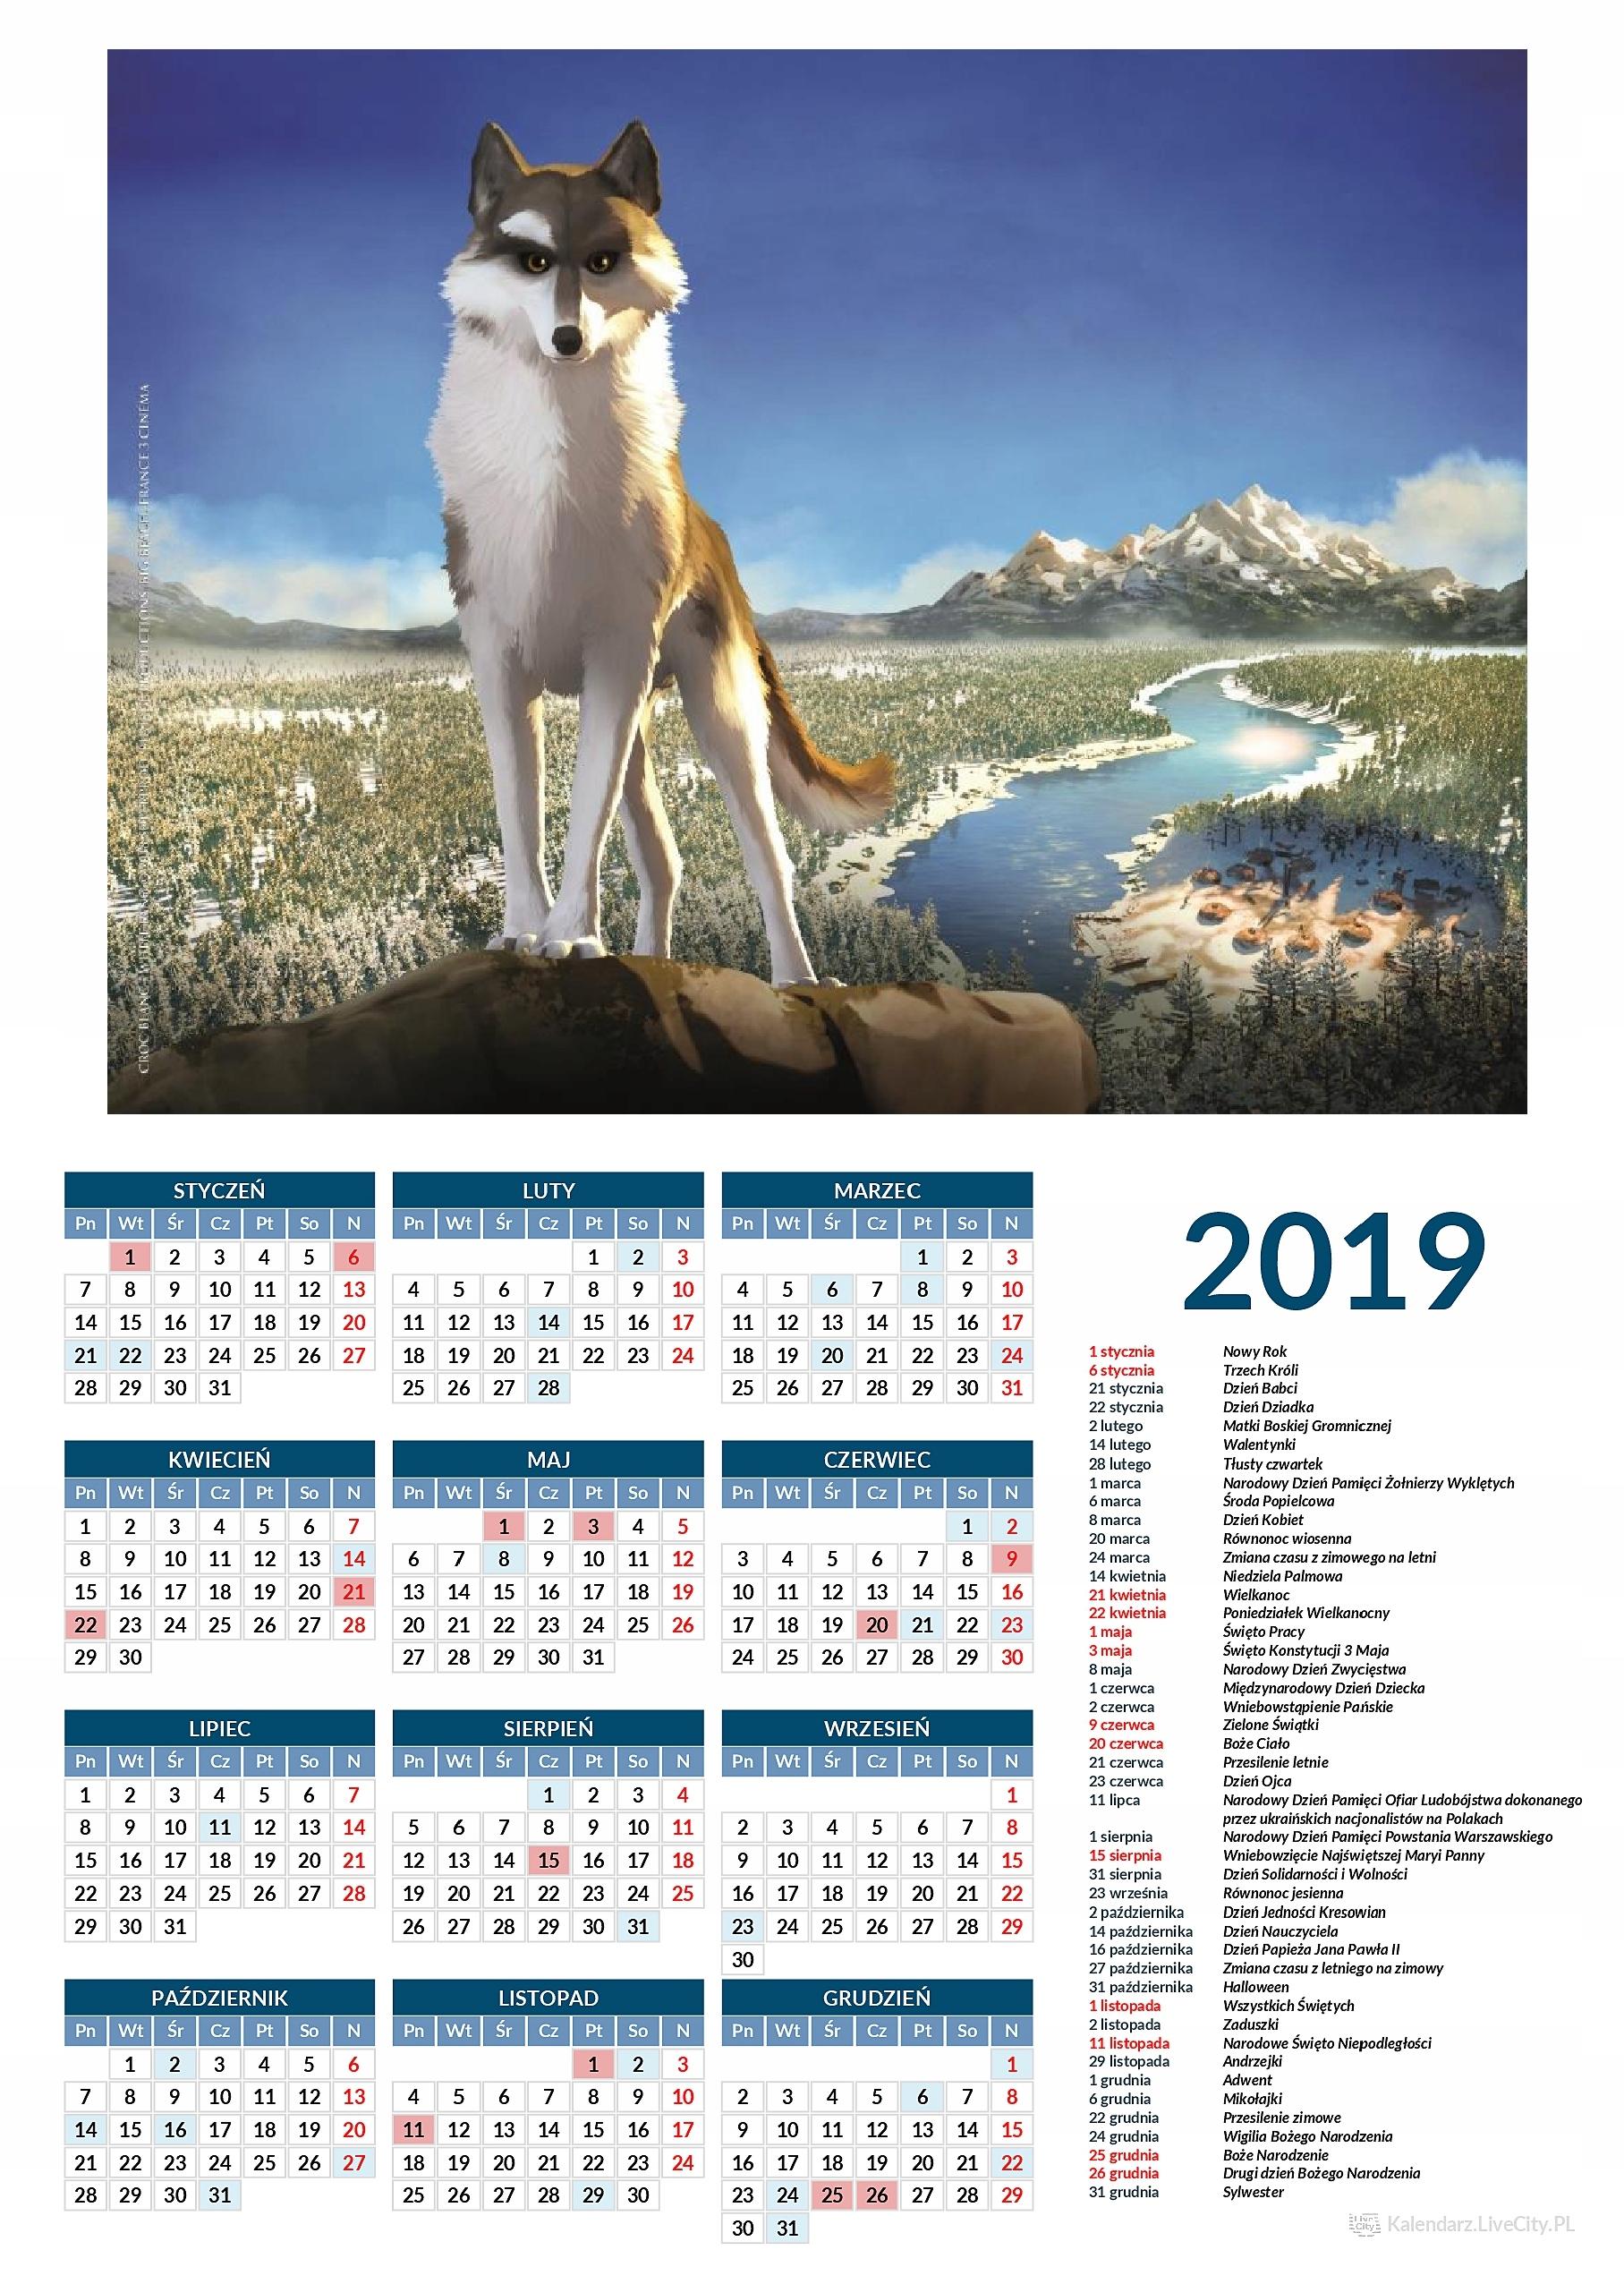 Kalendarz 2019 film biały kieł